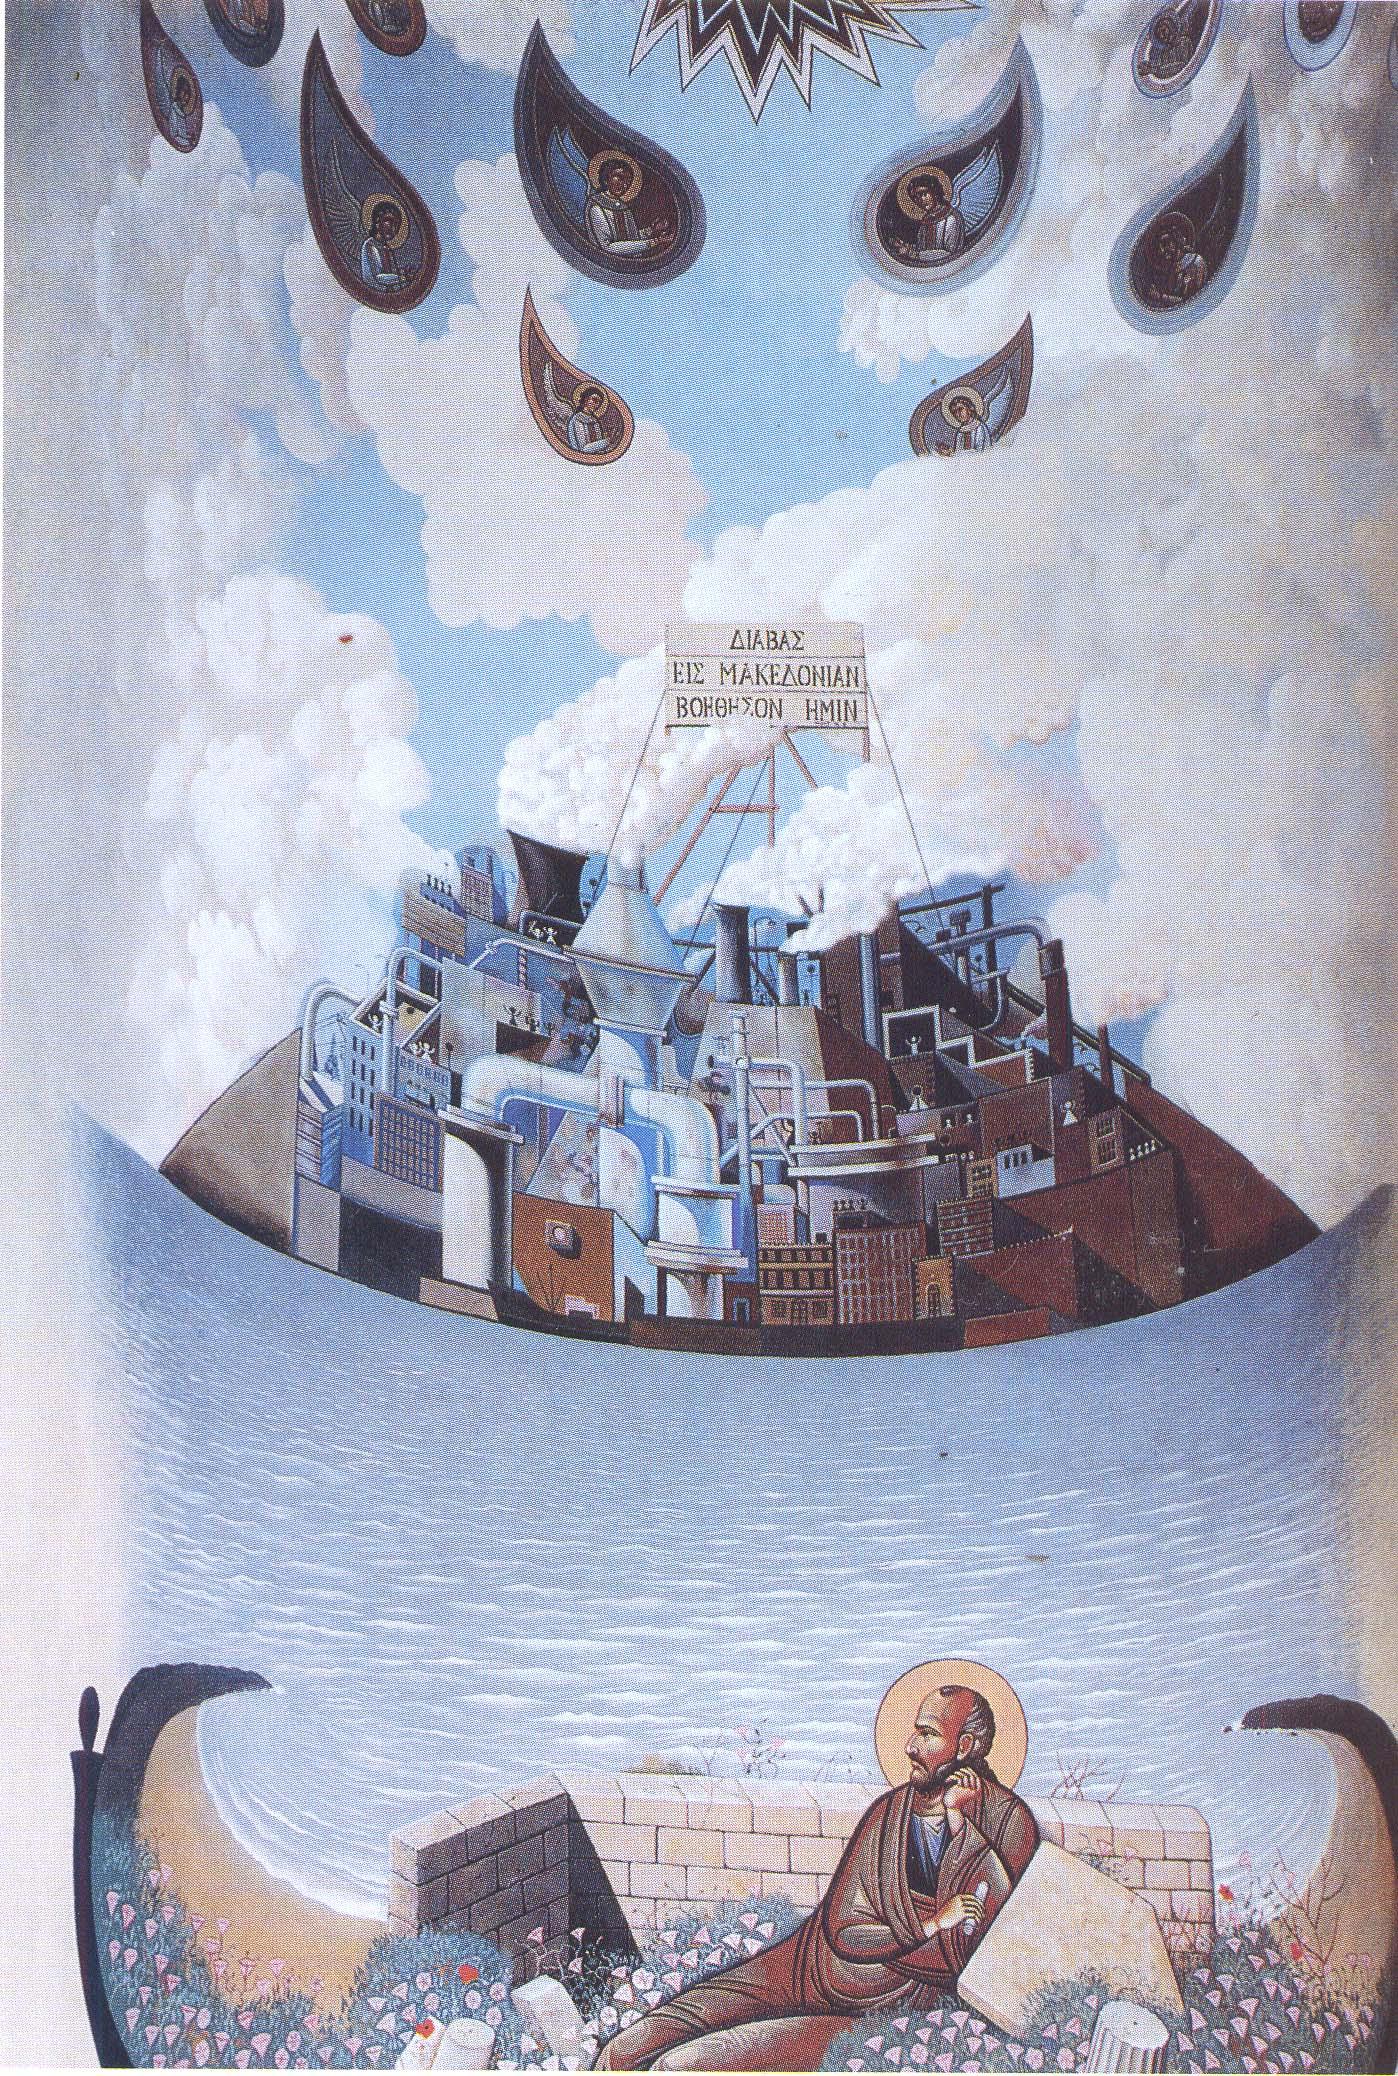 """""""Και κατά το διάστημα της νυκτός παρουσιάσθηκε εις τον Παύλον ένα όραμα: κάποιος δηλαδή Μακεδών εστέκετο και τον παρακαλούσε λέγων΄ Πέρασε εις την Μακεδονίαν και βοήθησέ μας."""" (Πράξεις των Αποστόλων ις΄ 9) Στην τοιχογραφία αυτή του Ράλλη Κοψίδη στην εκκλησία του Αποστόλου Παύλου στο Σαμπεζύ της Γενεύης, βλέπουμε μέσα από την τυραννία των στοιχείων του κόσμου τούτου και της καταπνικτικής επίγειας πραγματικότητας, να υψώνεται έως σήμερα η ίδια έκκληση του Μακεδόνα για βοήθεια."""